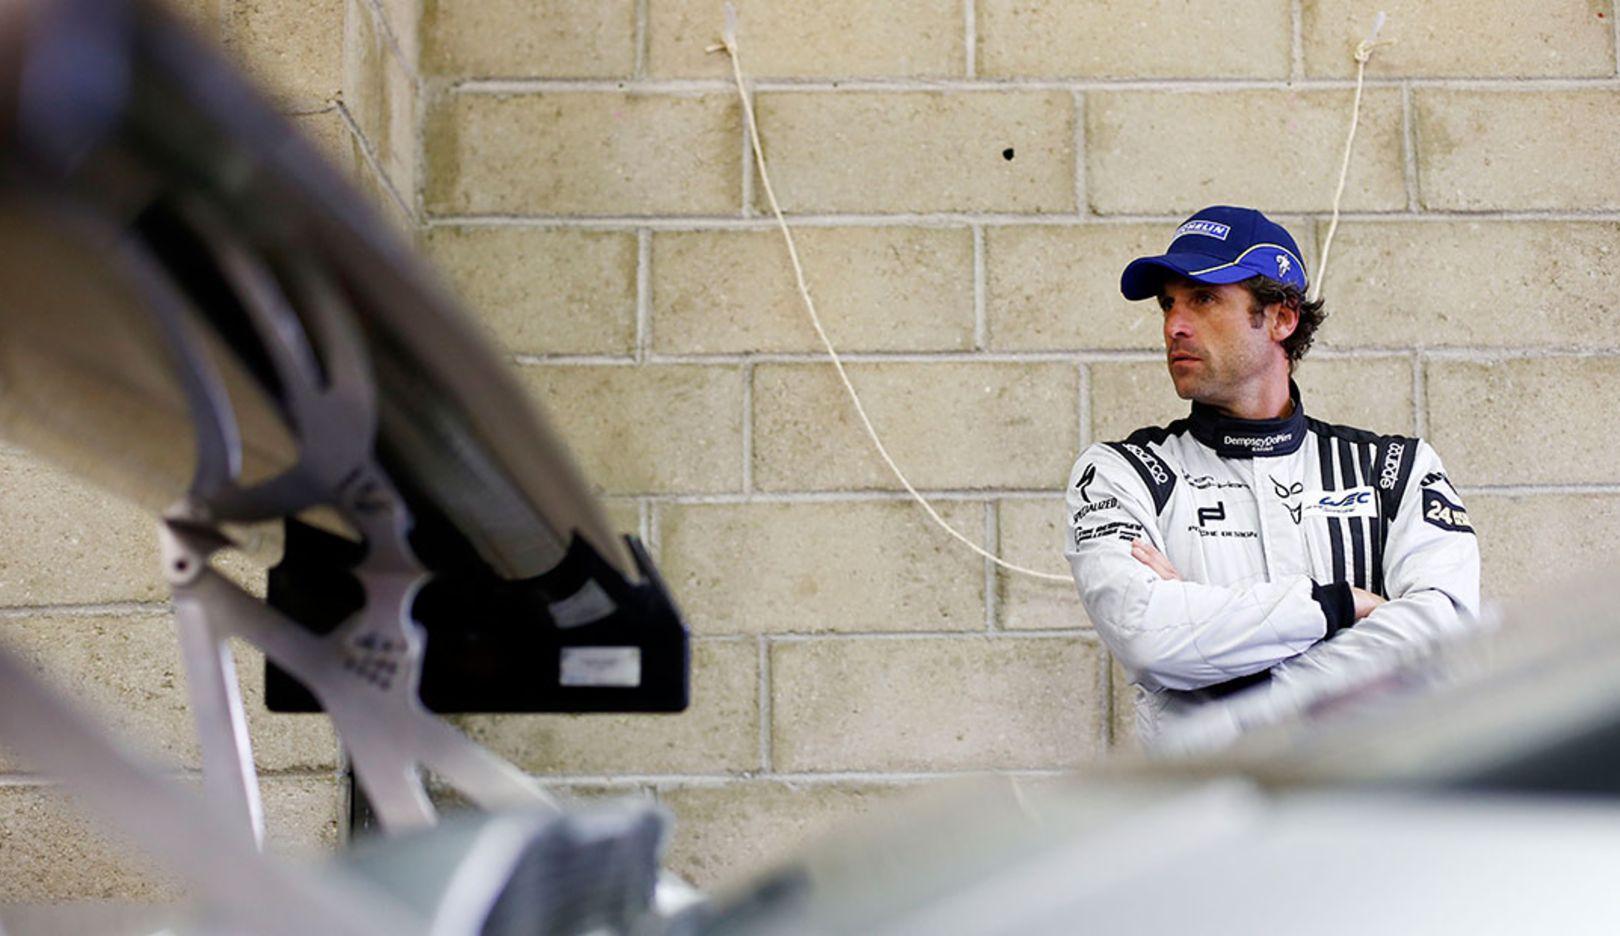 Patrick Dempsey, Rennfahrer, 2014, Porsche AG